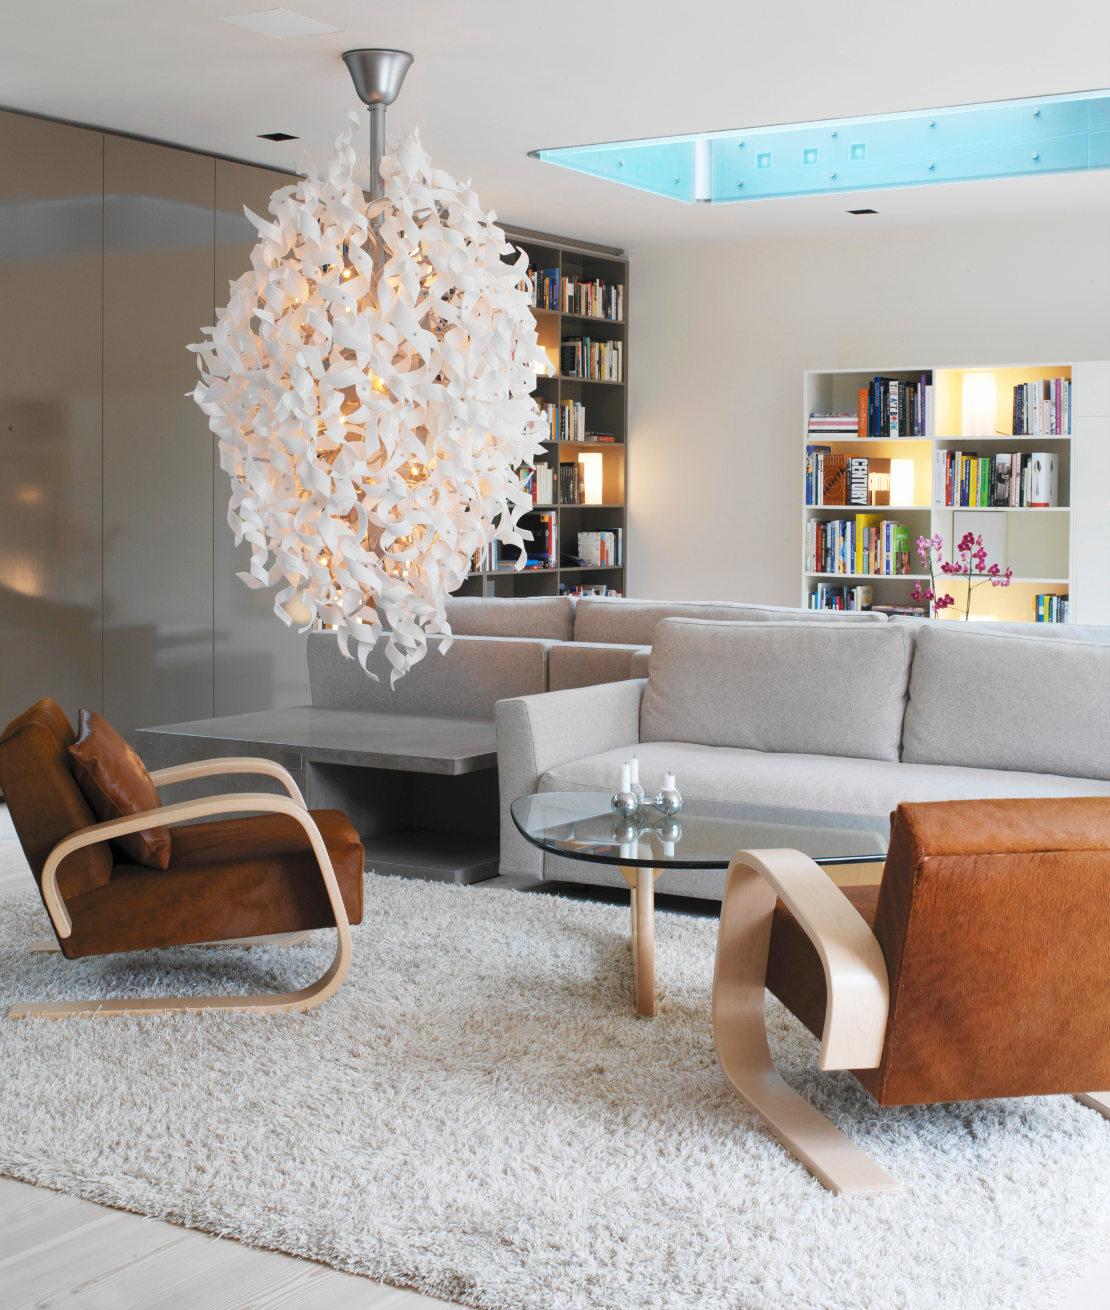 westwing-luxus-zuhause-deckenleuchter-weiss